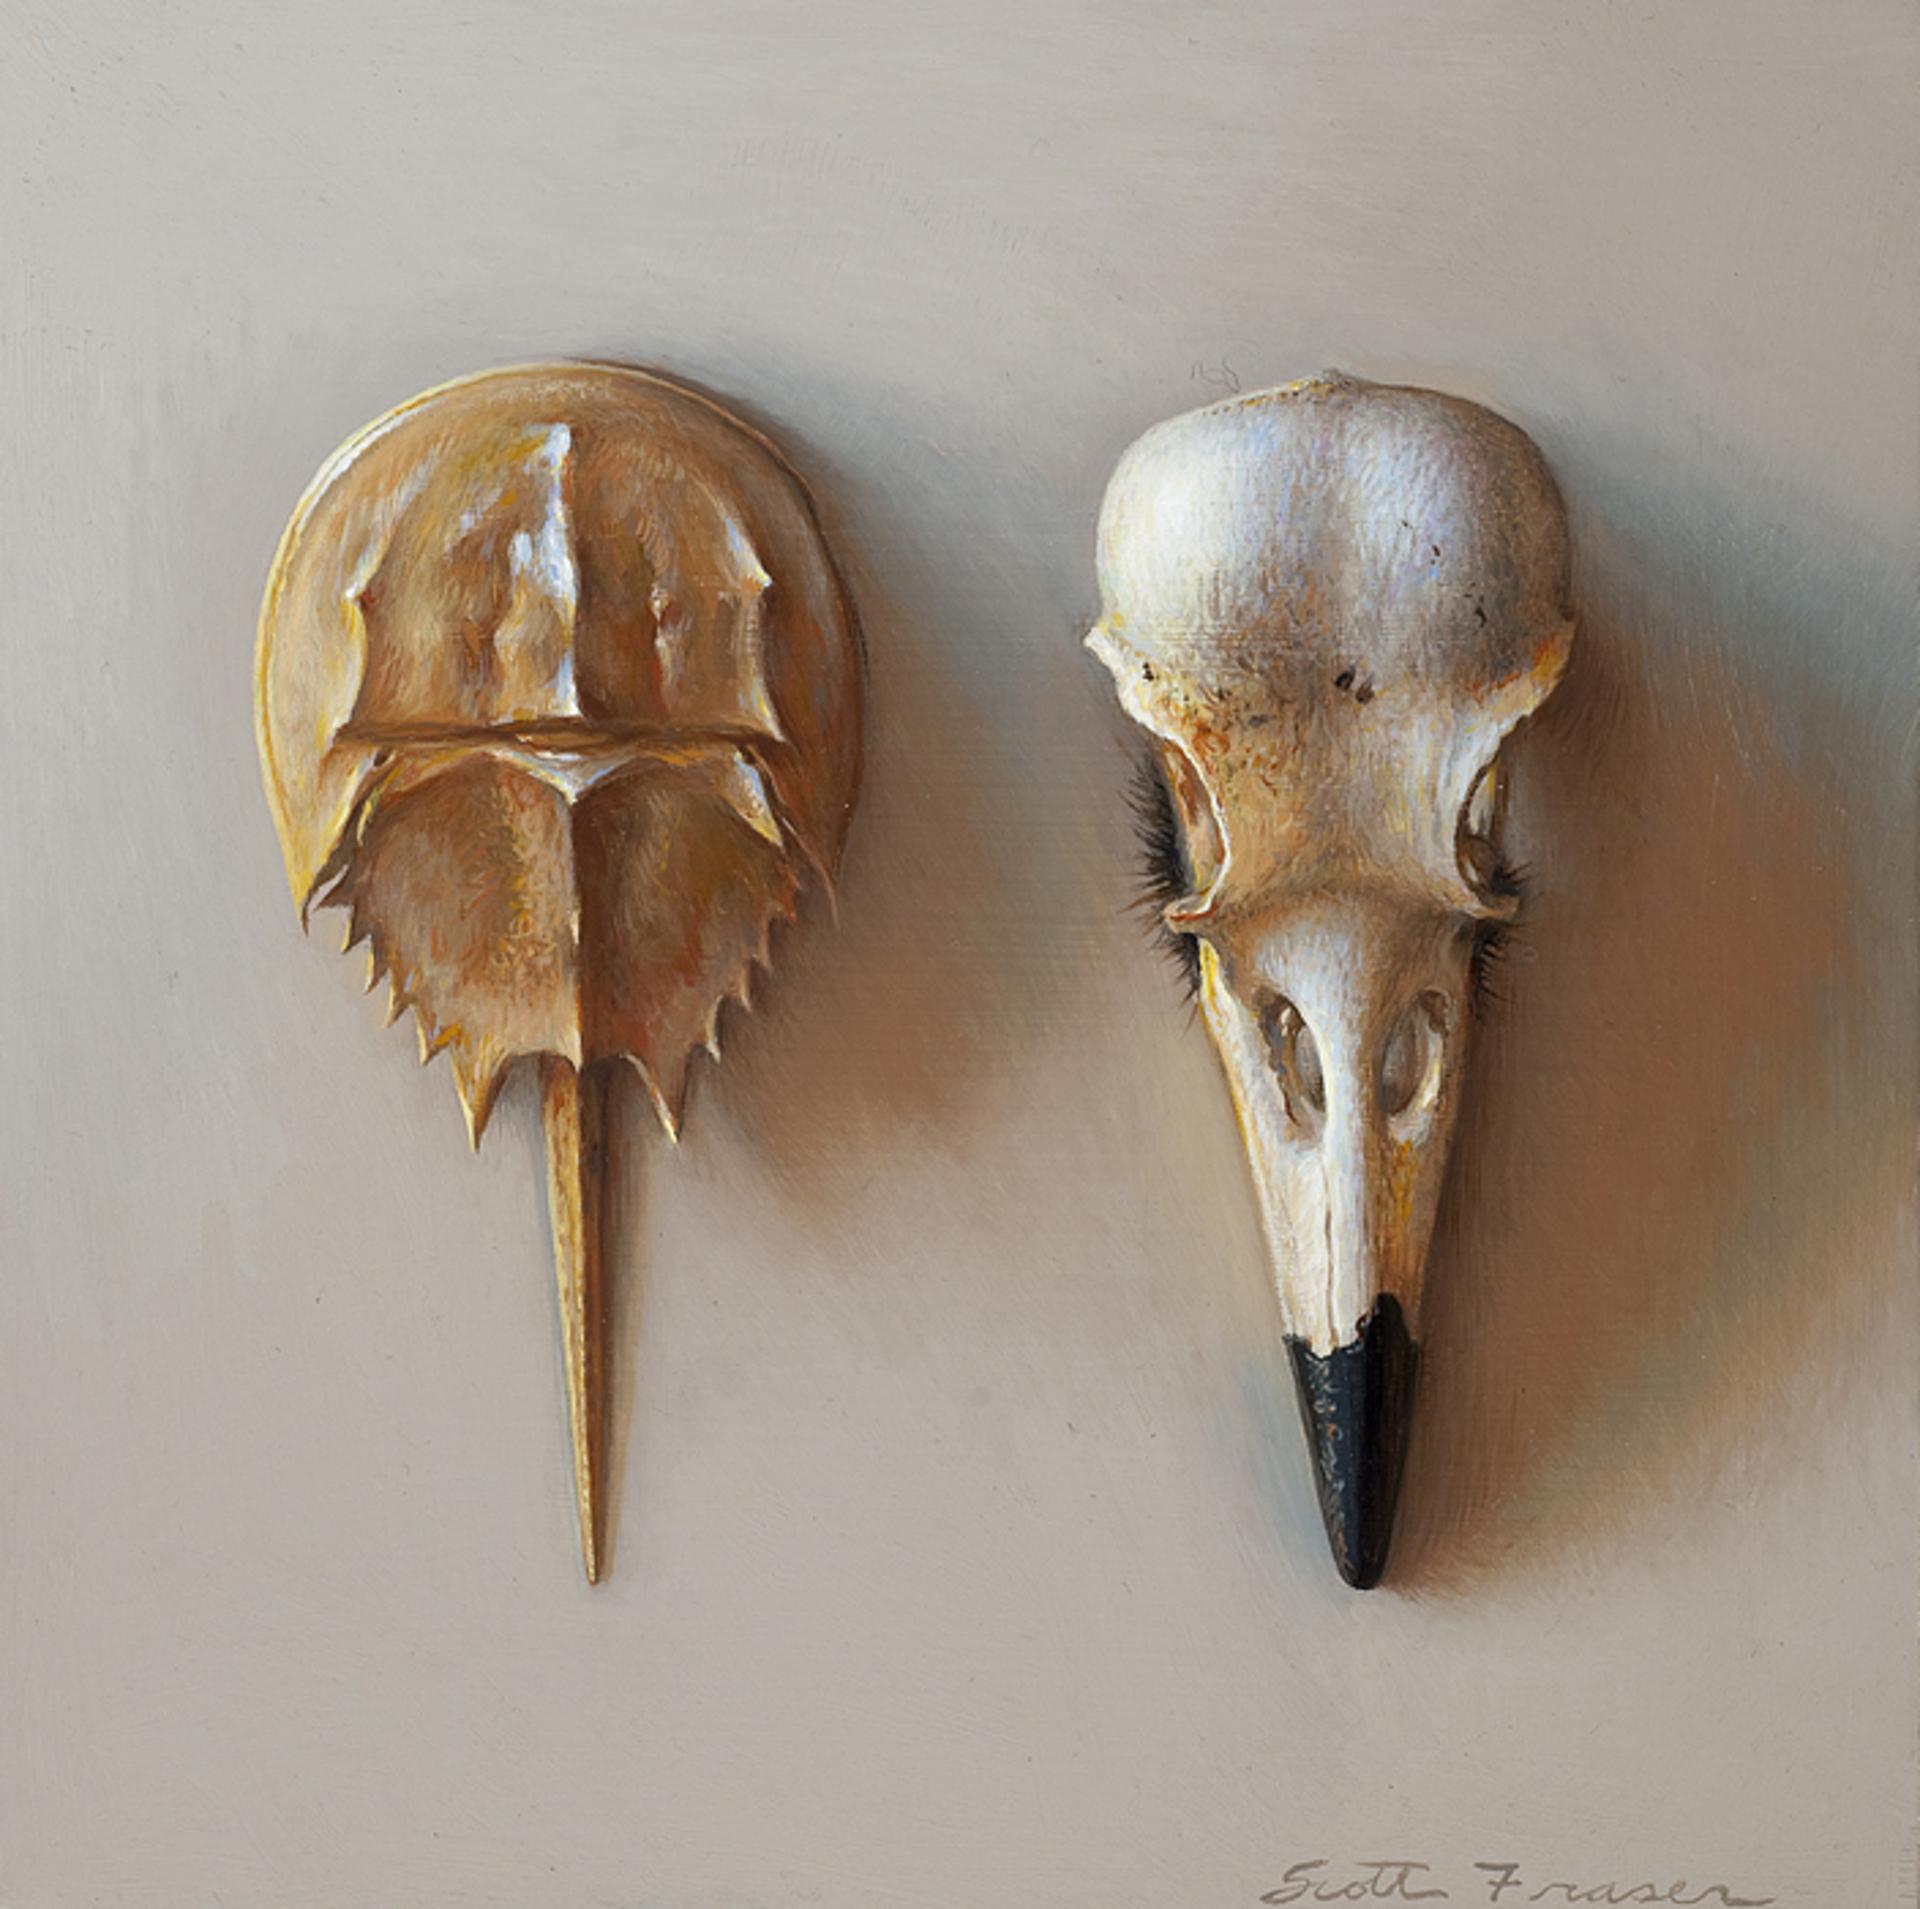 Skull and Crabshell by Scott Fraser